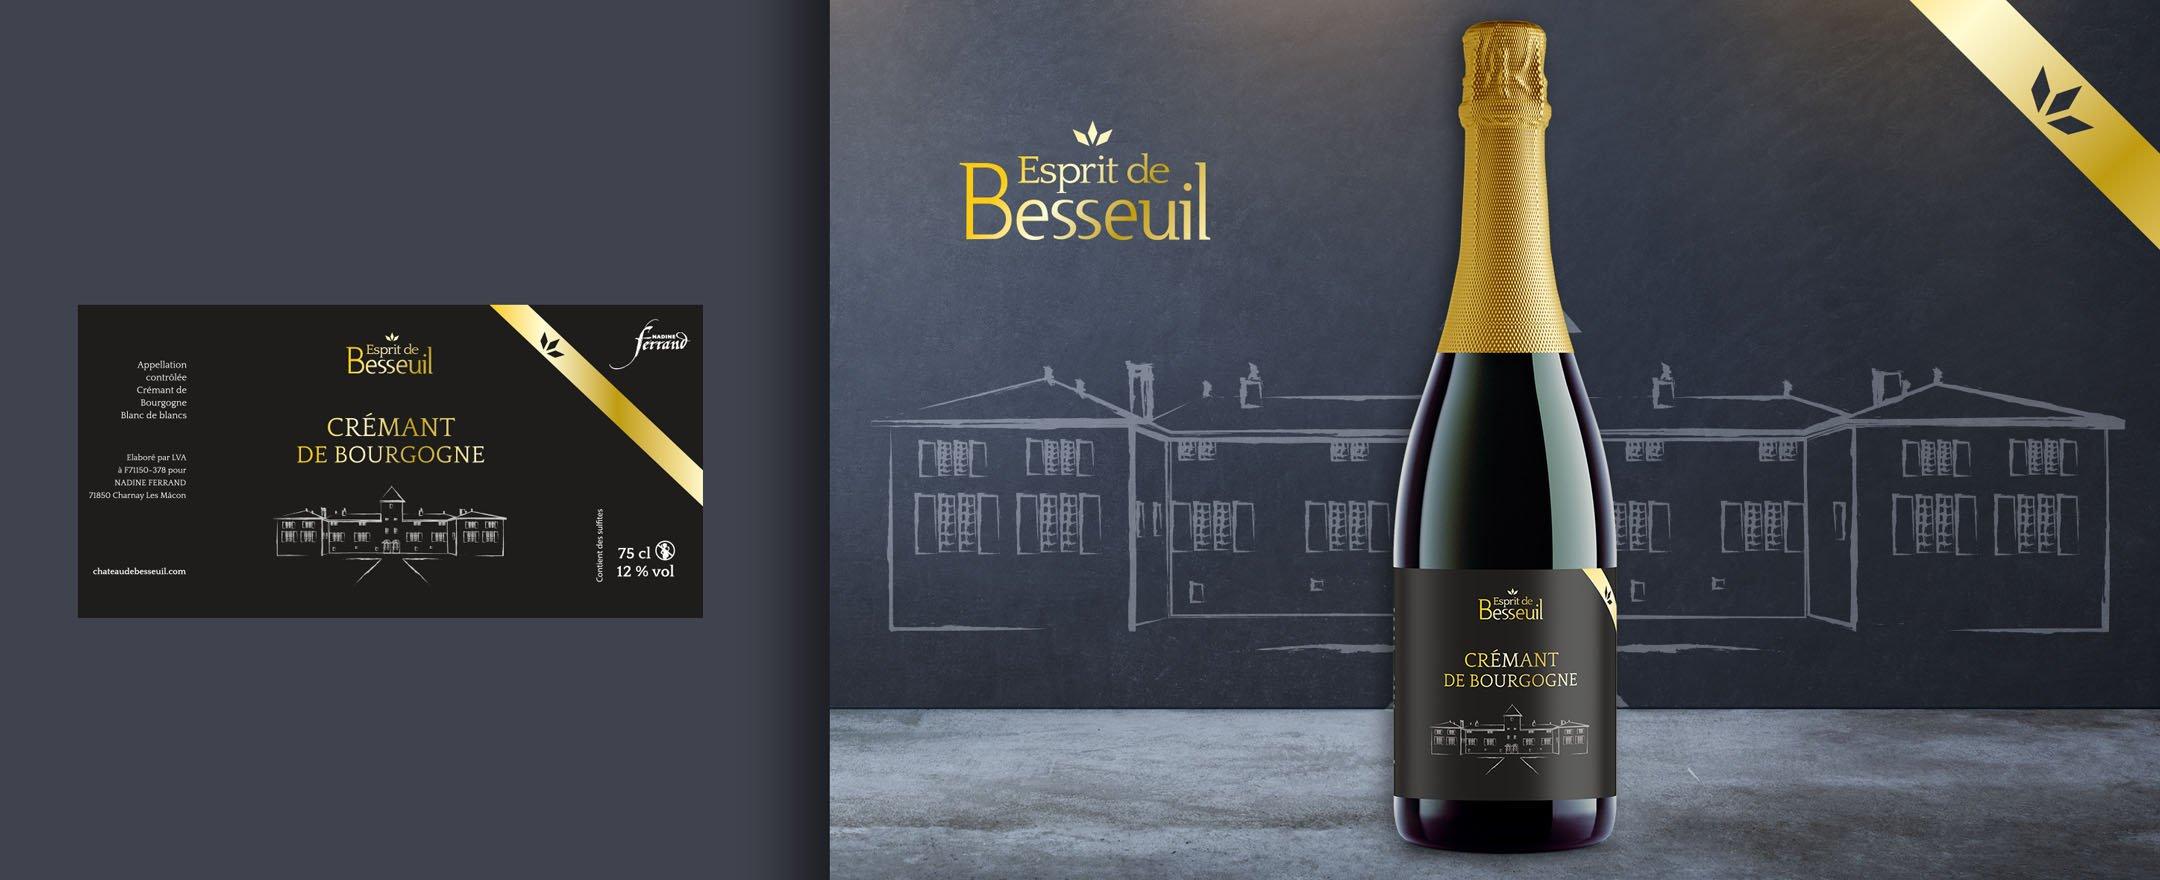 Habefast Etude De Cas Chateau Besseuil Print Etiquettes Vin 02